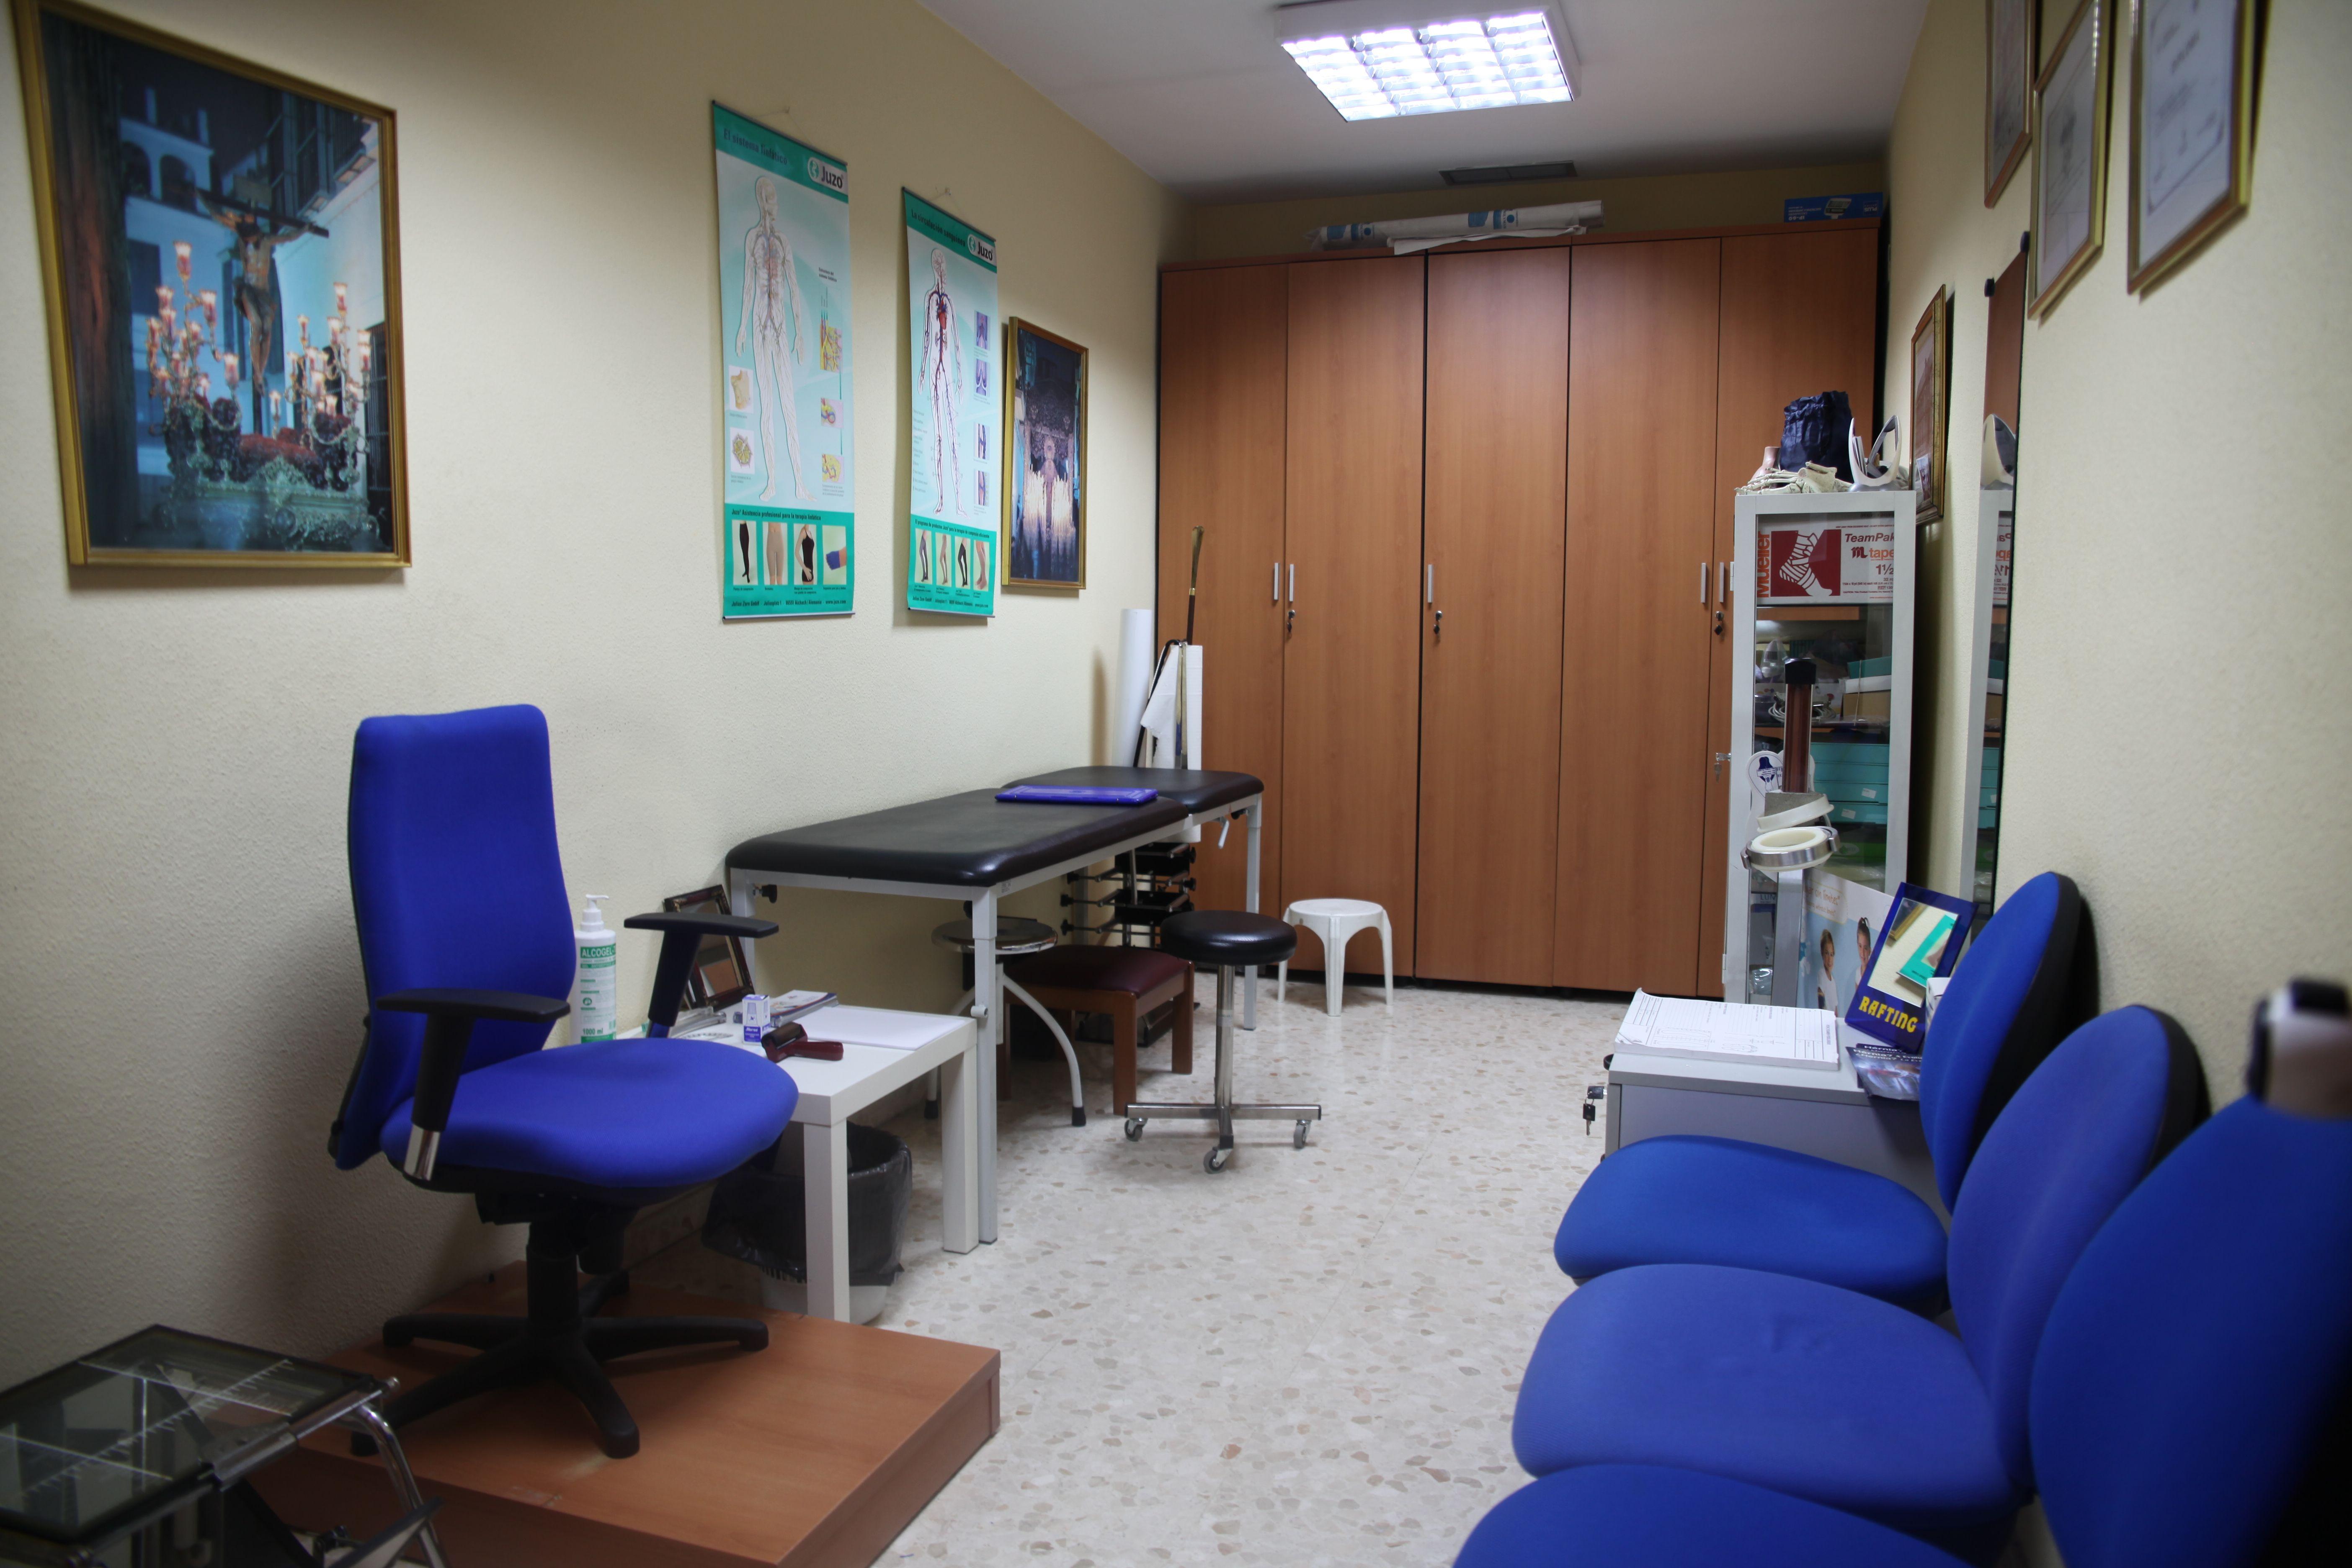 Foto 1 de Ortopedia en Sevilla | Ortopedia Anglada, S.L.